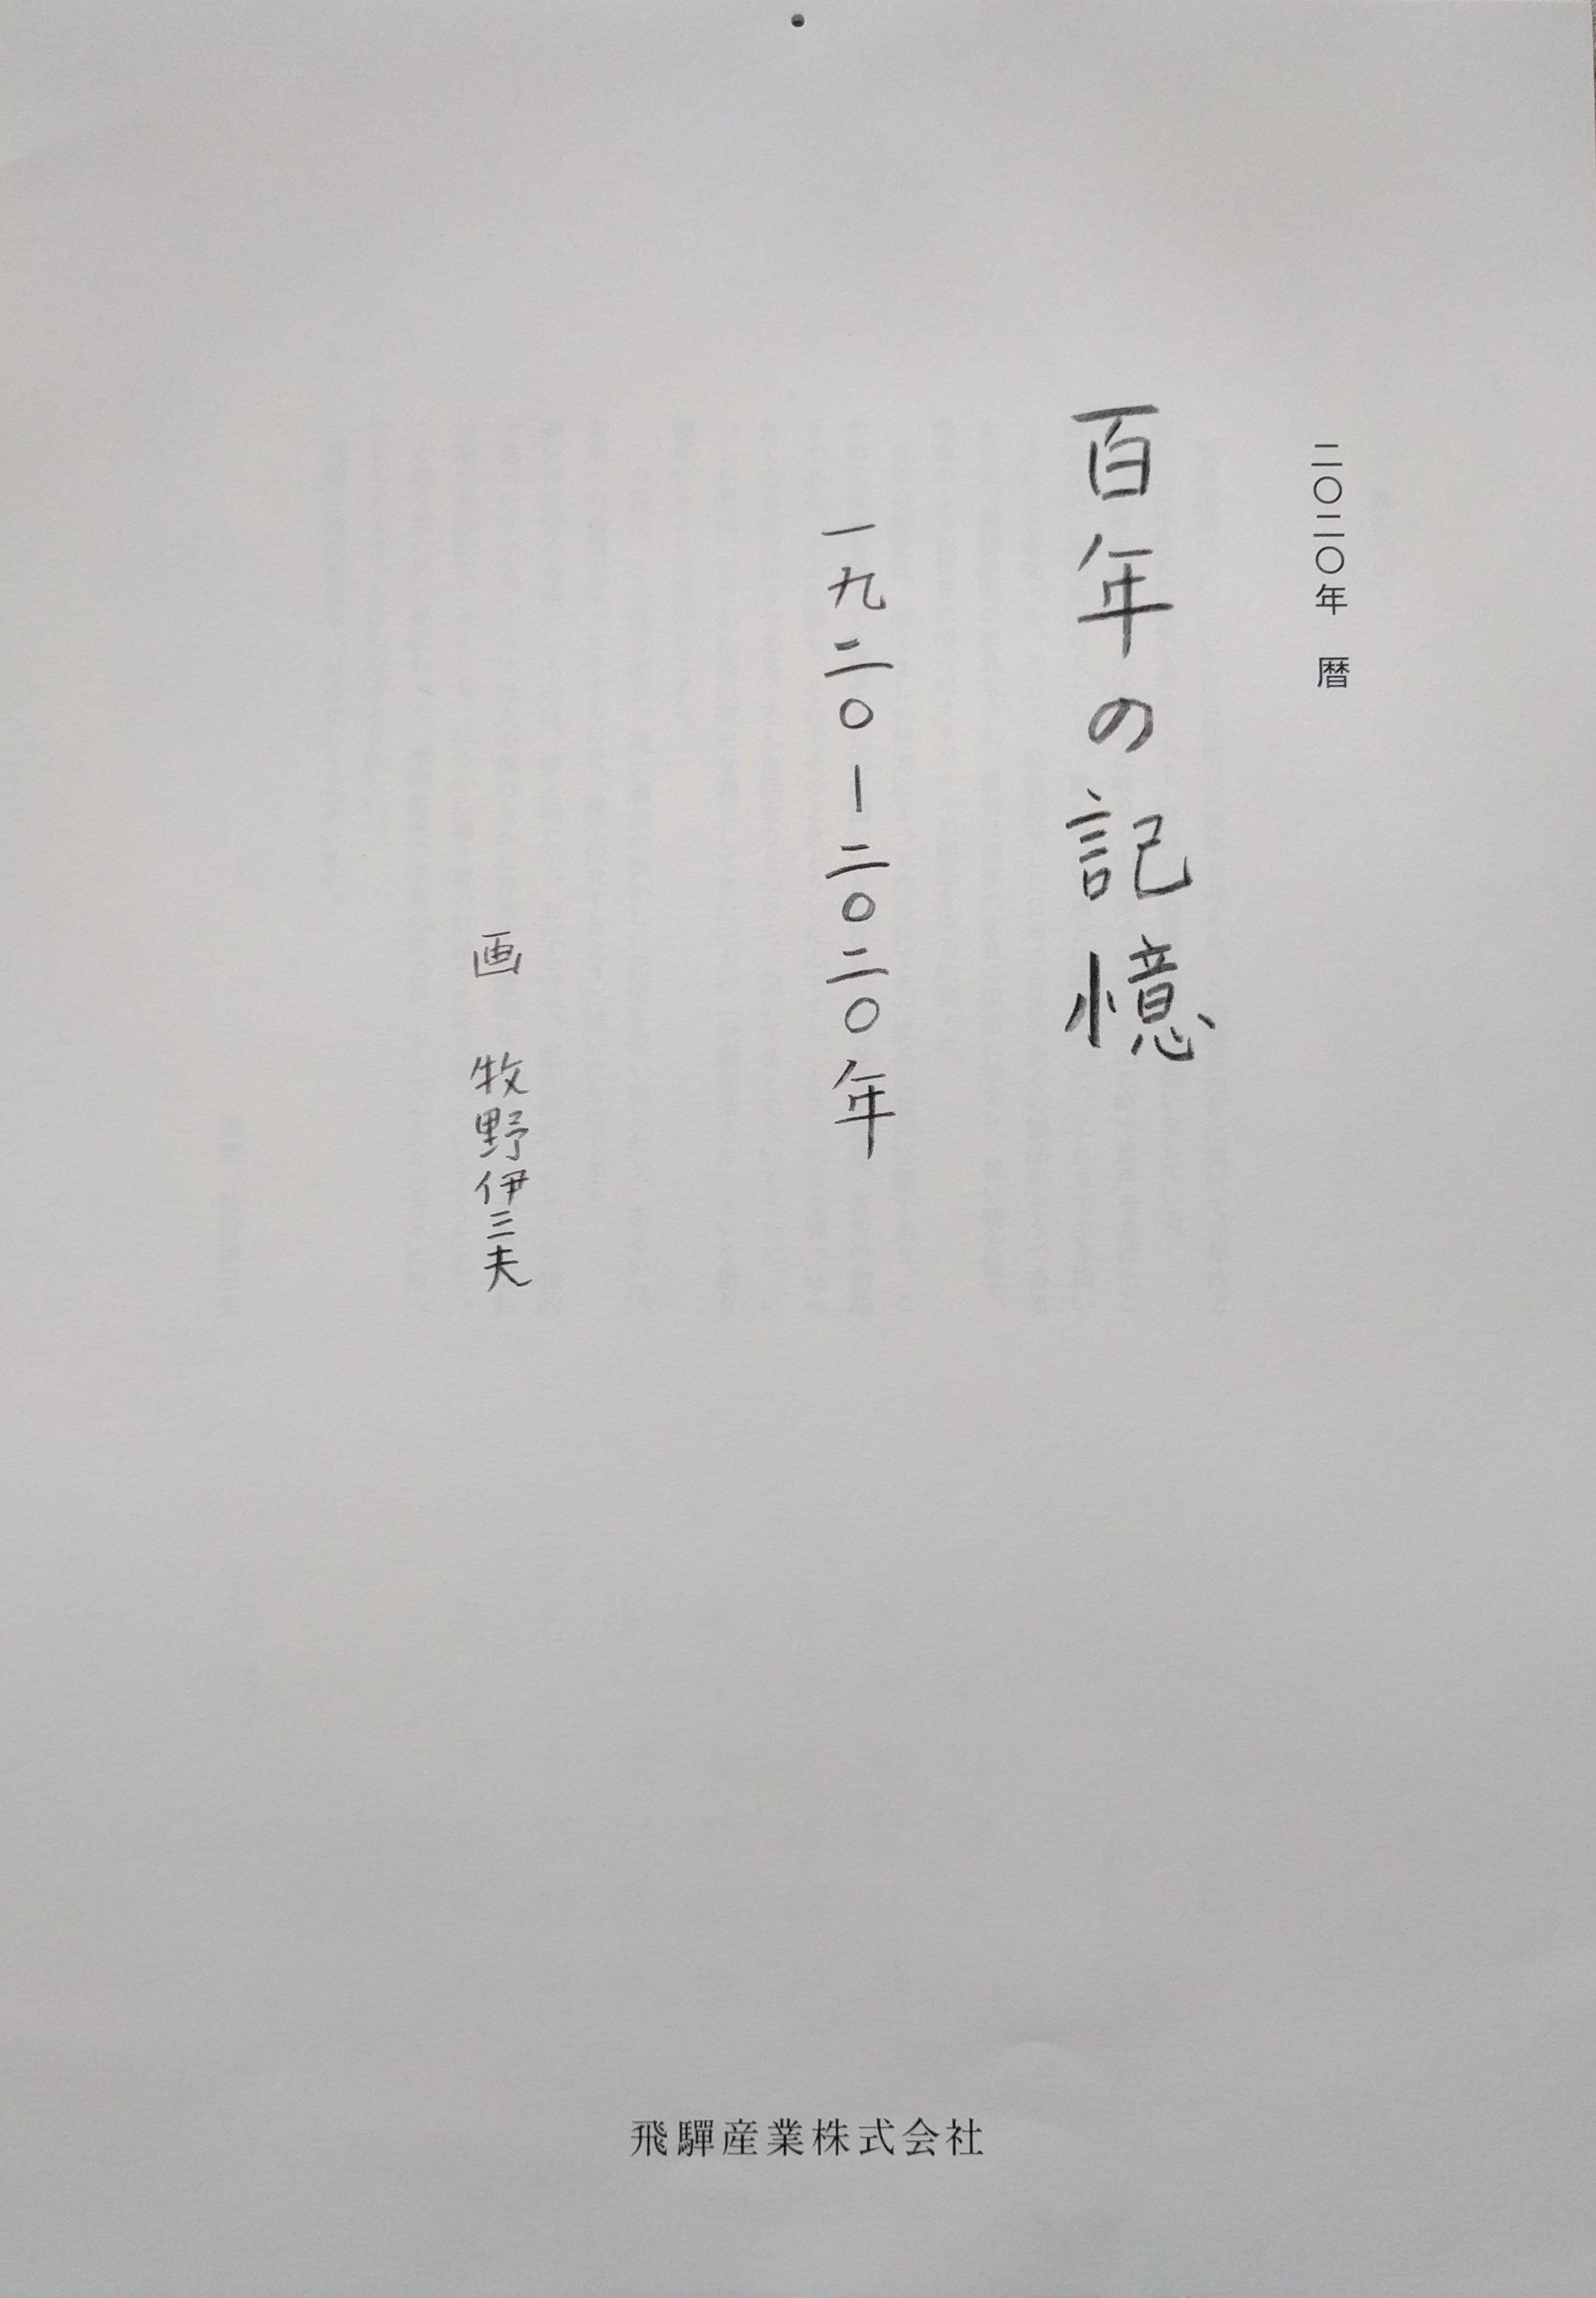 カレンダーのお知らせ6(牧野伊三夫/yamyam/ミロコマチコ)_a0265743_22471002.jpg